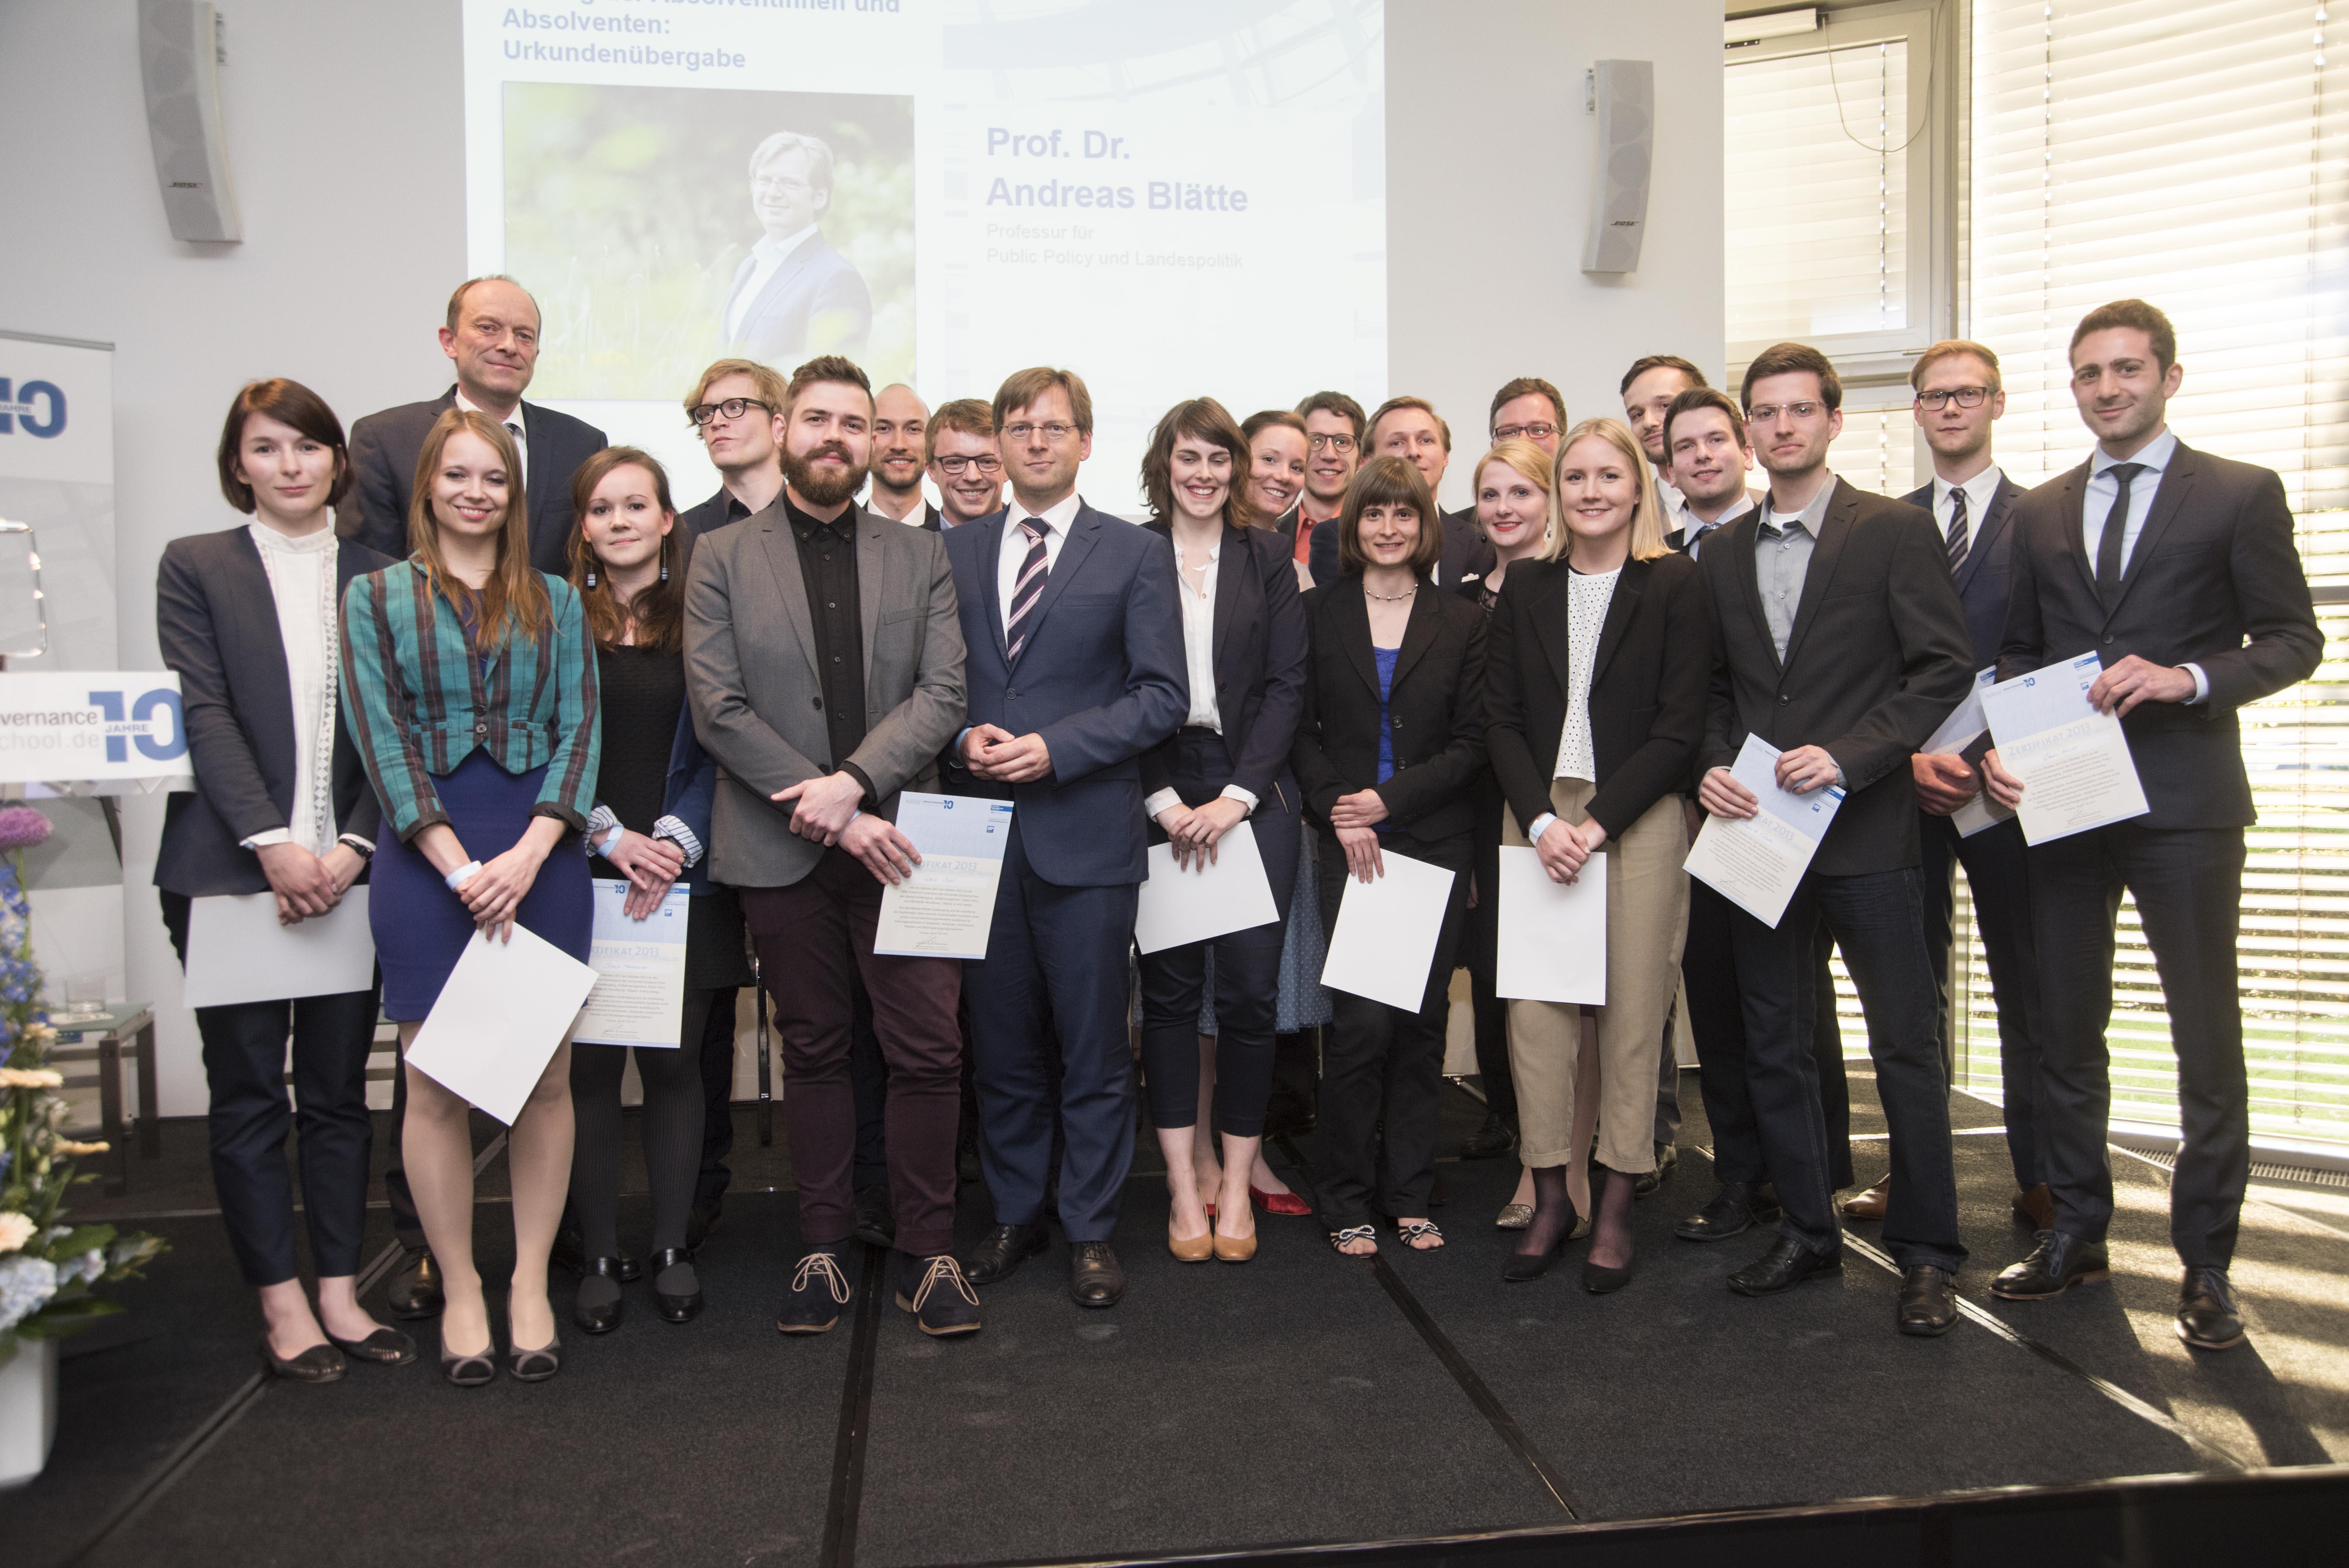 Der Abschlussjahrgang der NRW School of Governance erhält seine Urkunden